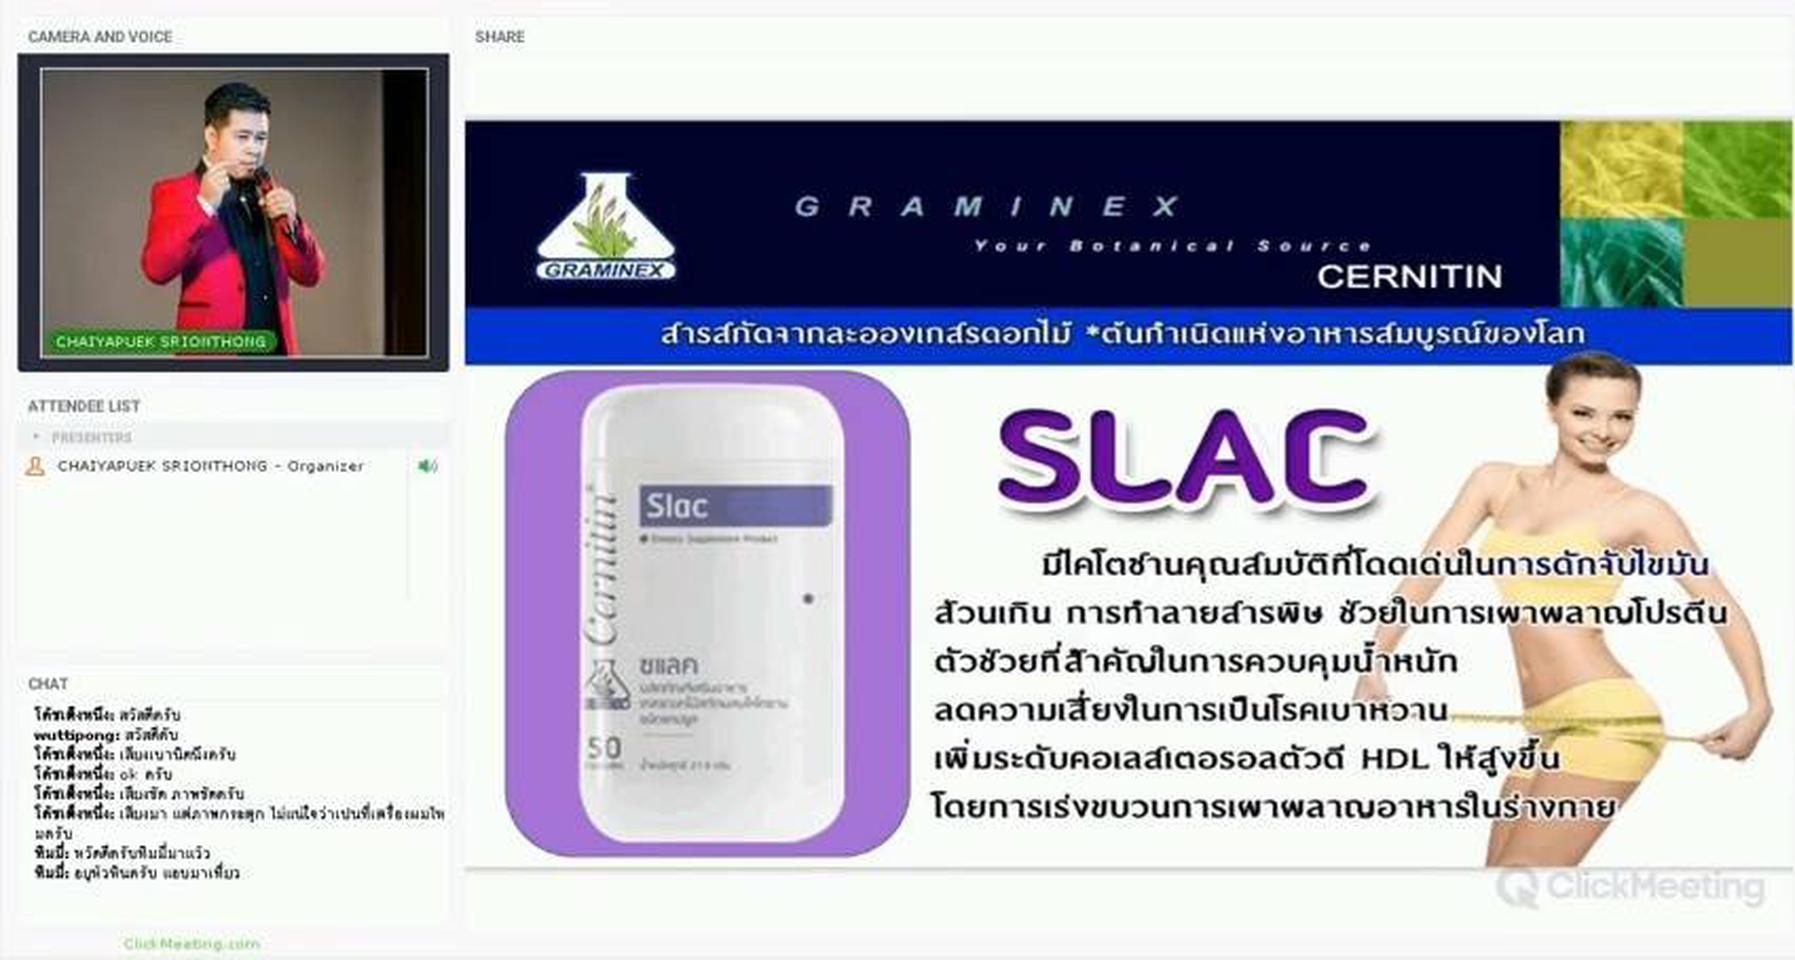 SLAC ซแล็ค,ลดไขมันส่วนเกินในร่างกาย,ลดระดับไขมันในเลือดสูง รูปที่ 4